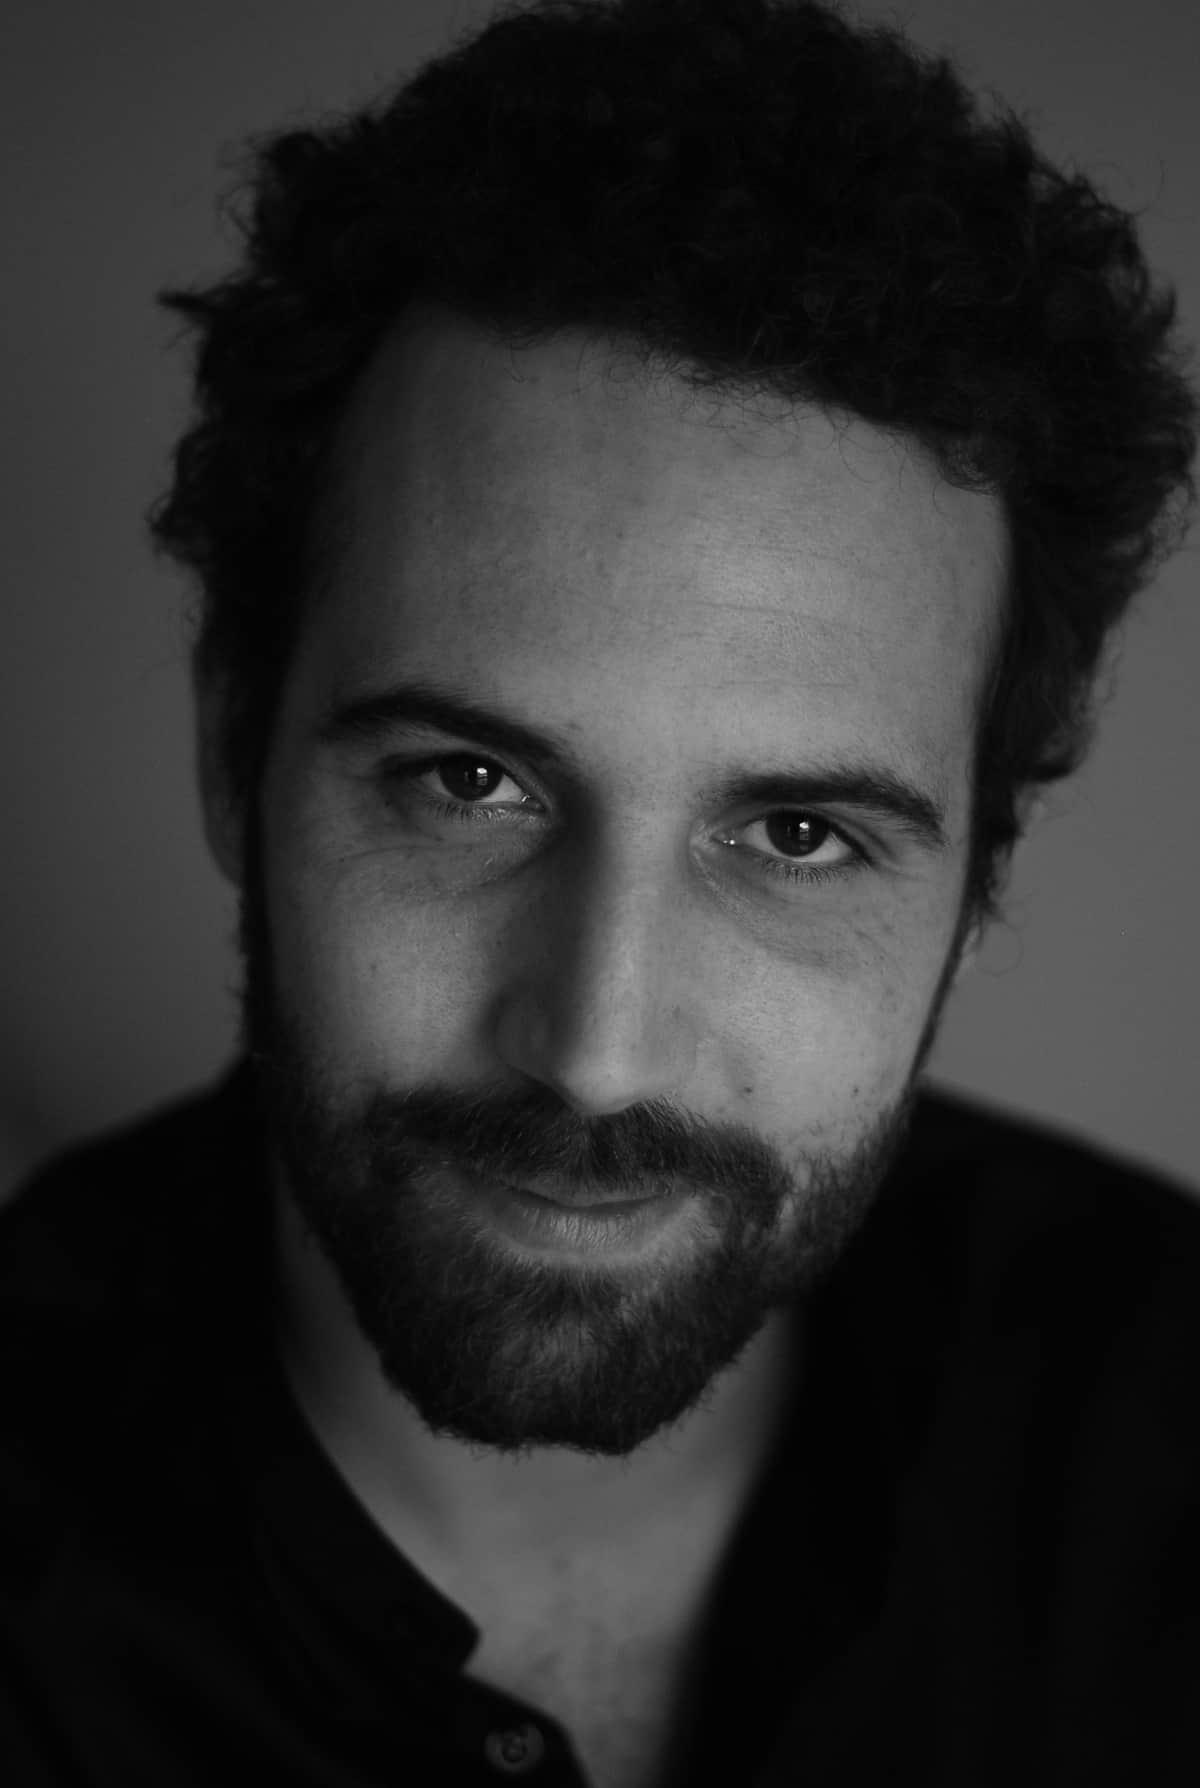 simon-de-gliniasty-chanteur-lyrique-professeur-theatre-jeu-de-scene-acteur-bluetempo-cdm